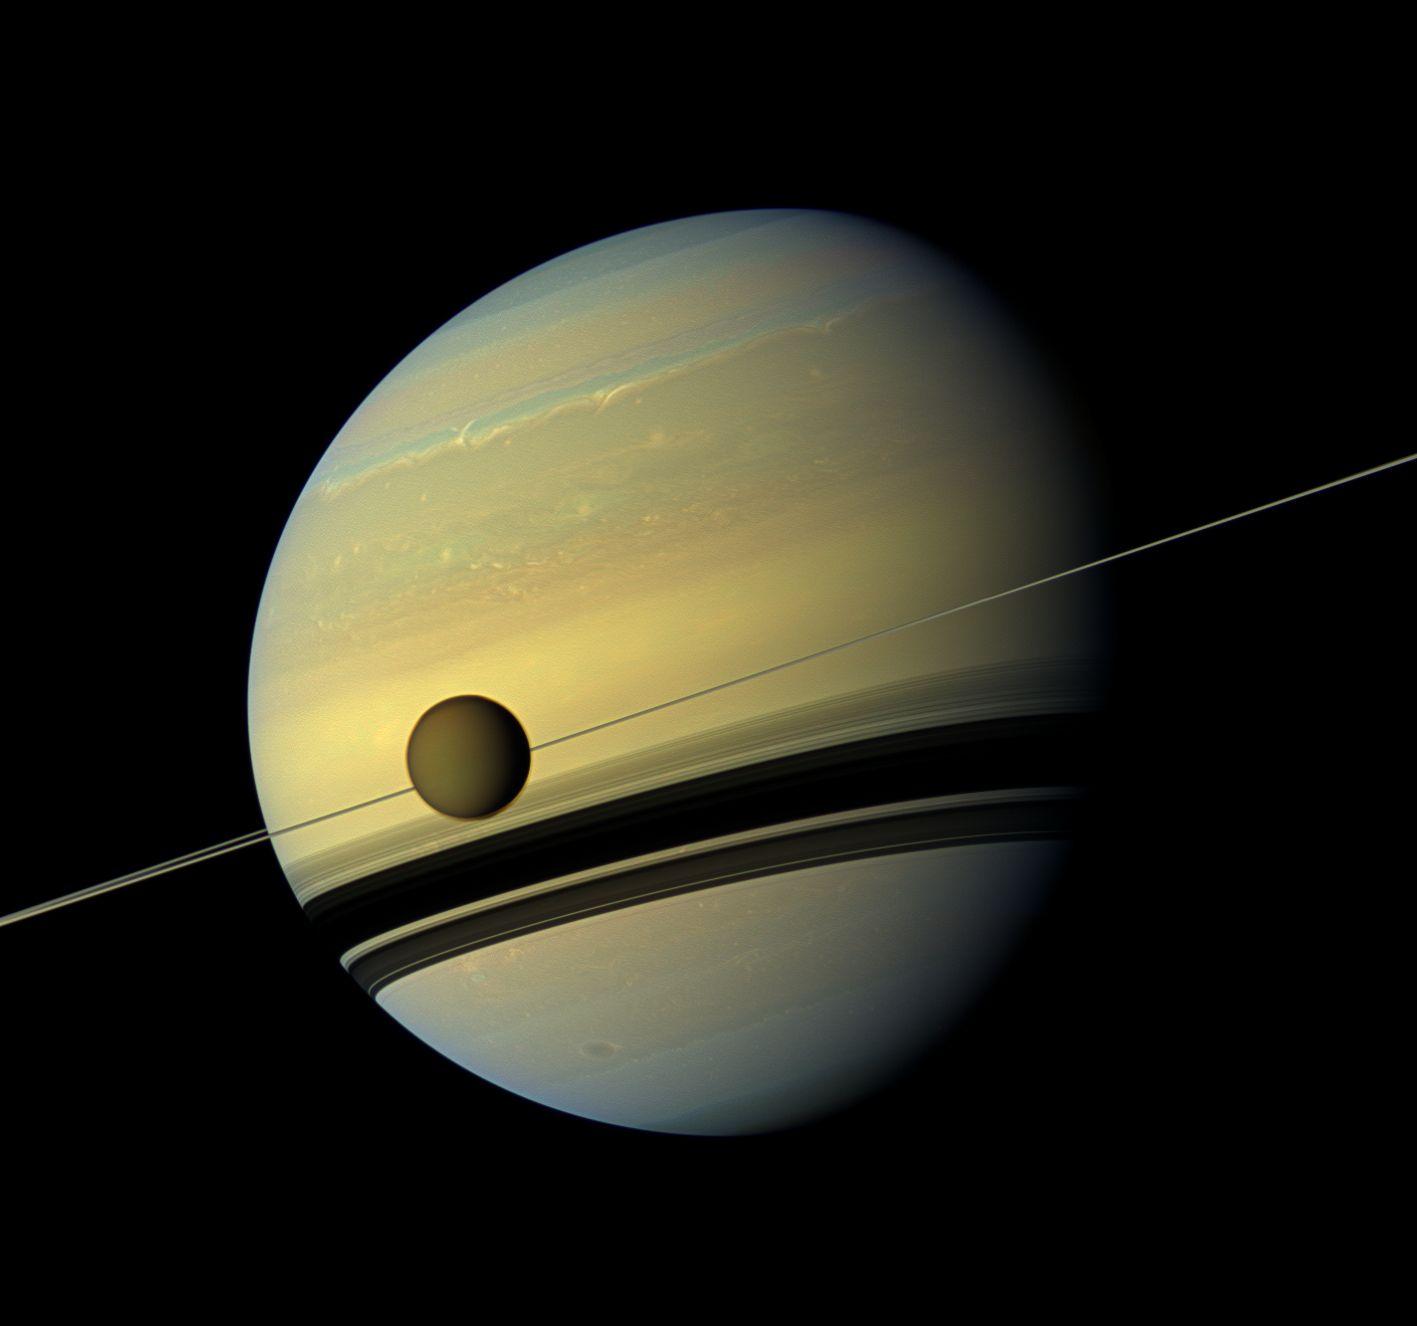 土星とタイタン 惑星 メタルウォールアート 天体 写真